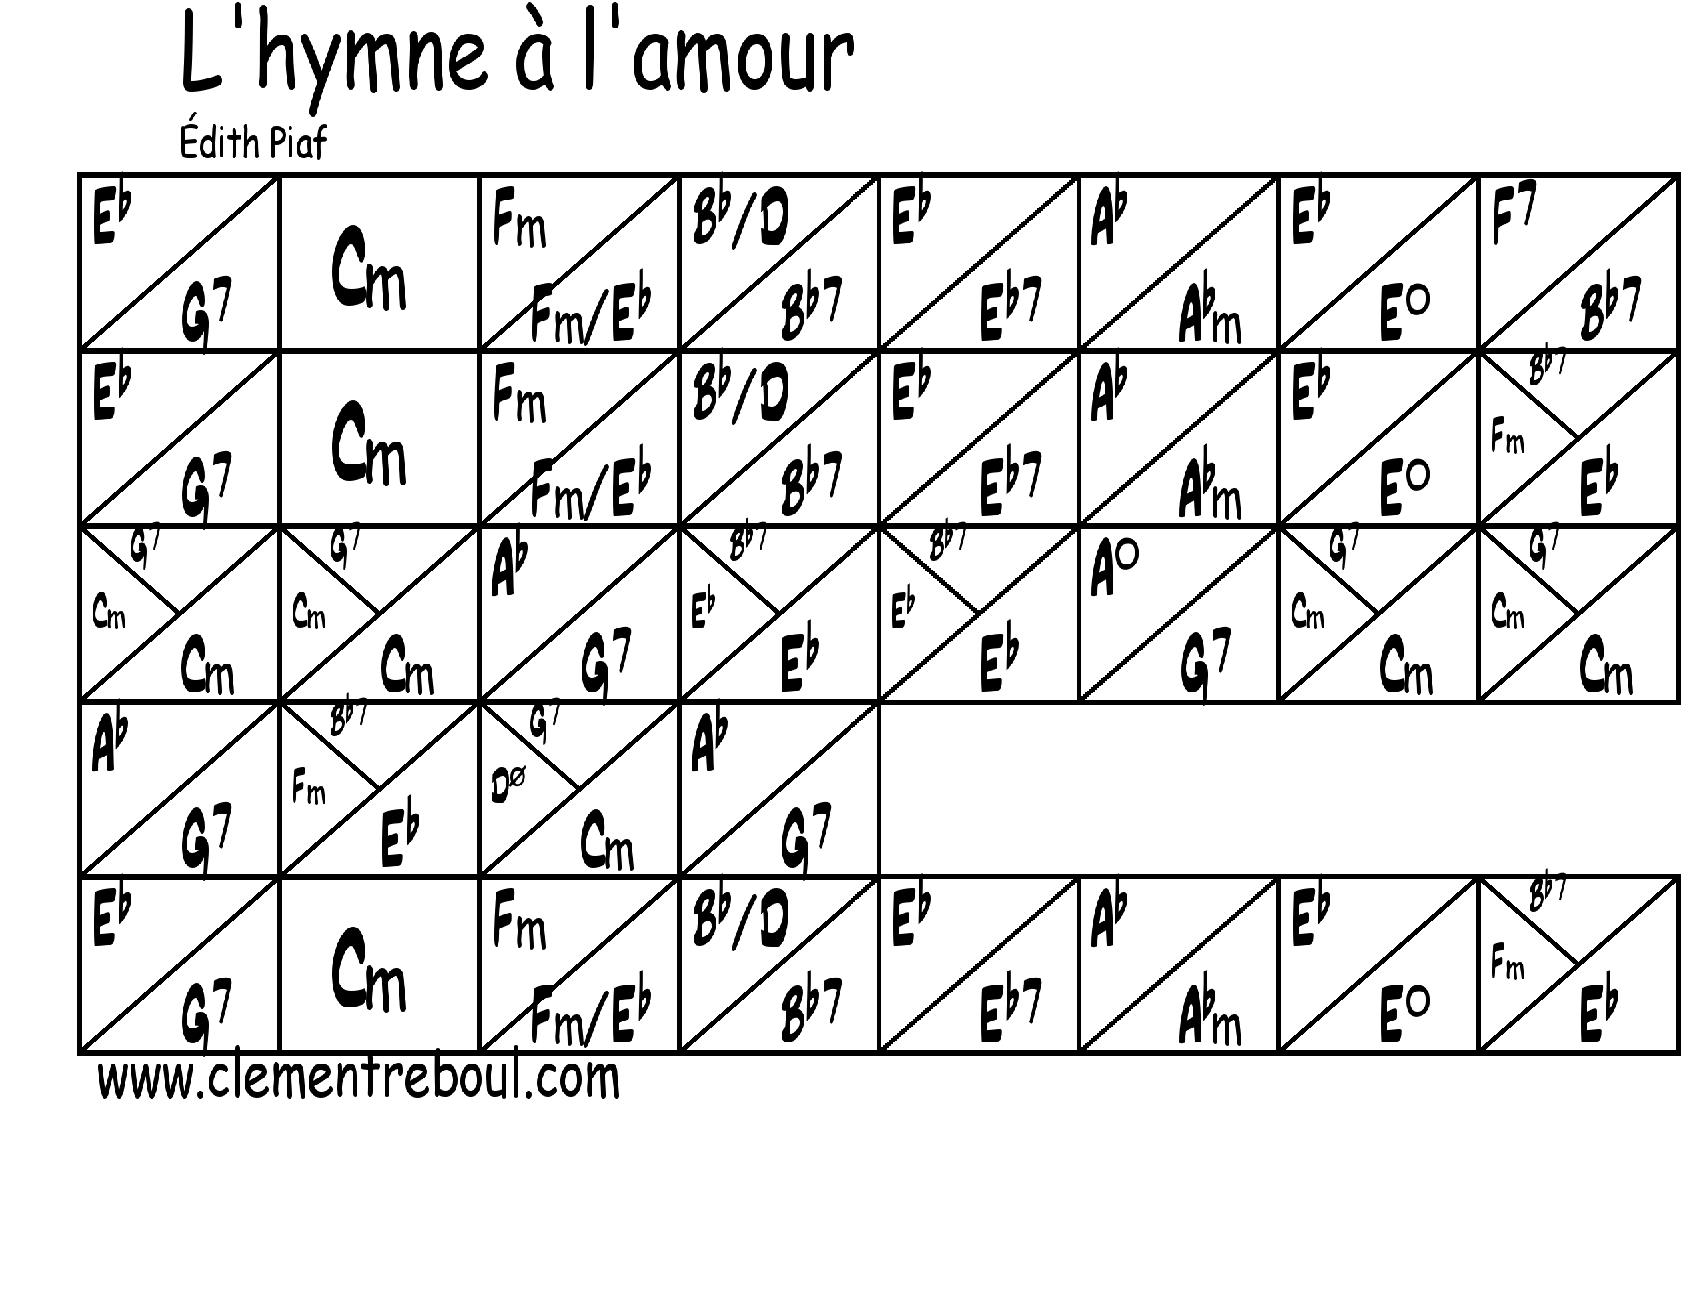 hymne-a-l-amour-clement-reboul